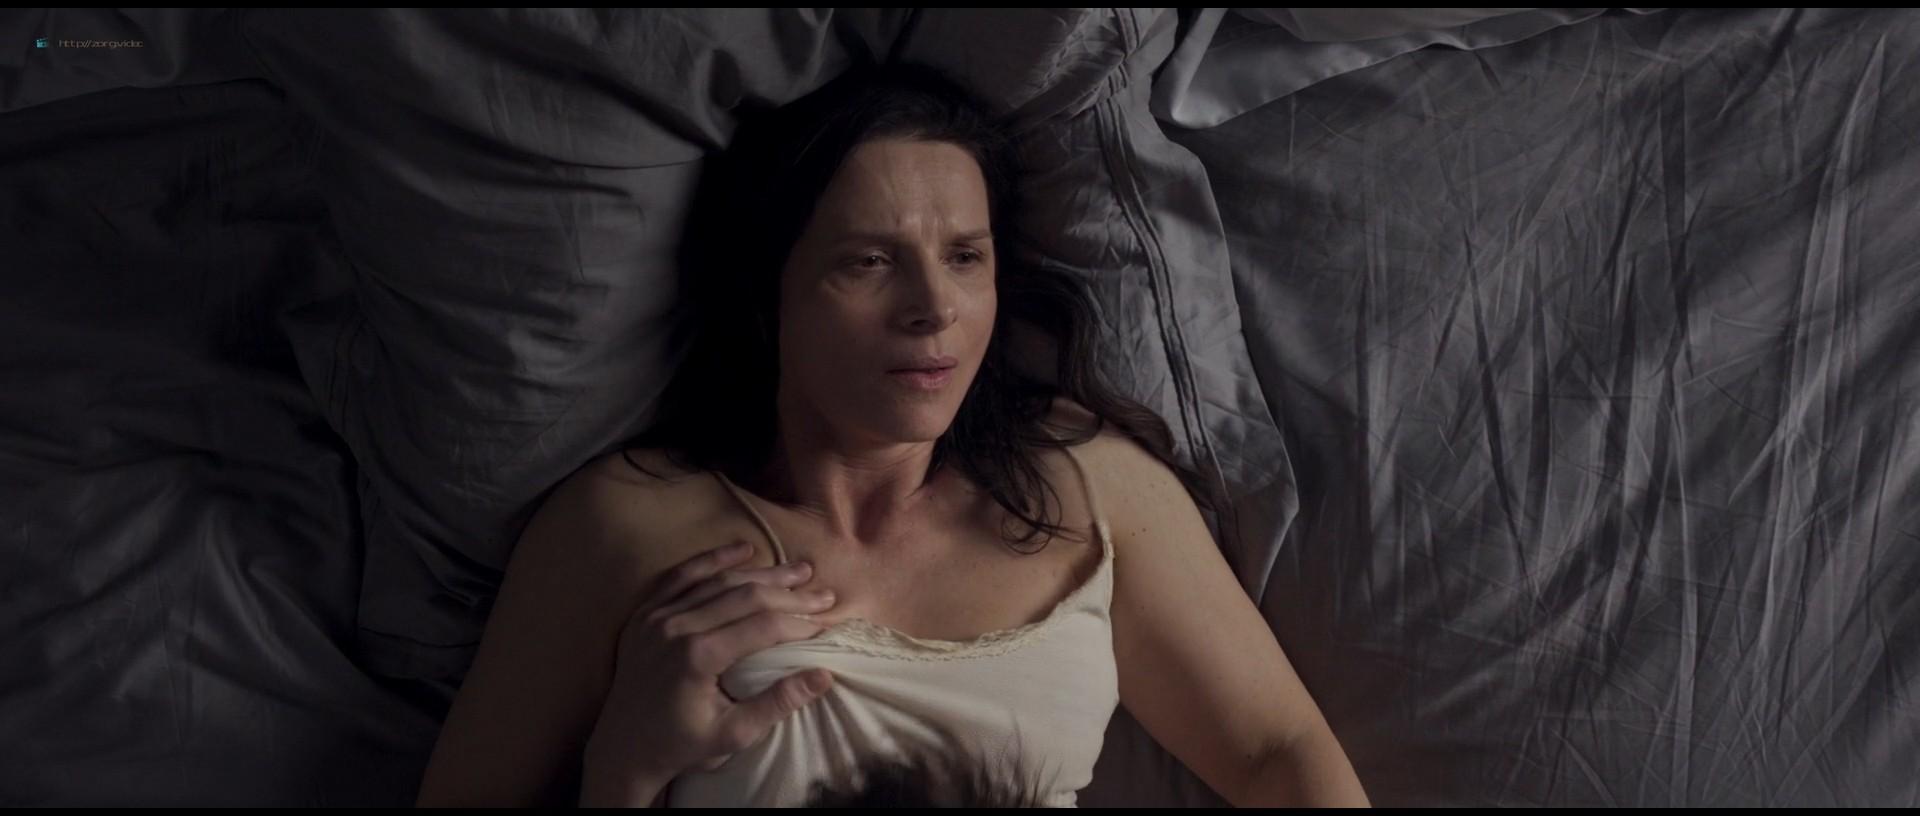 Juliette Binoche nude hot sex - Celle que vous croyez (FR-2019) 1080p BluRay (2)